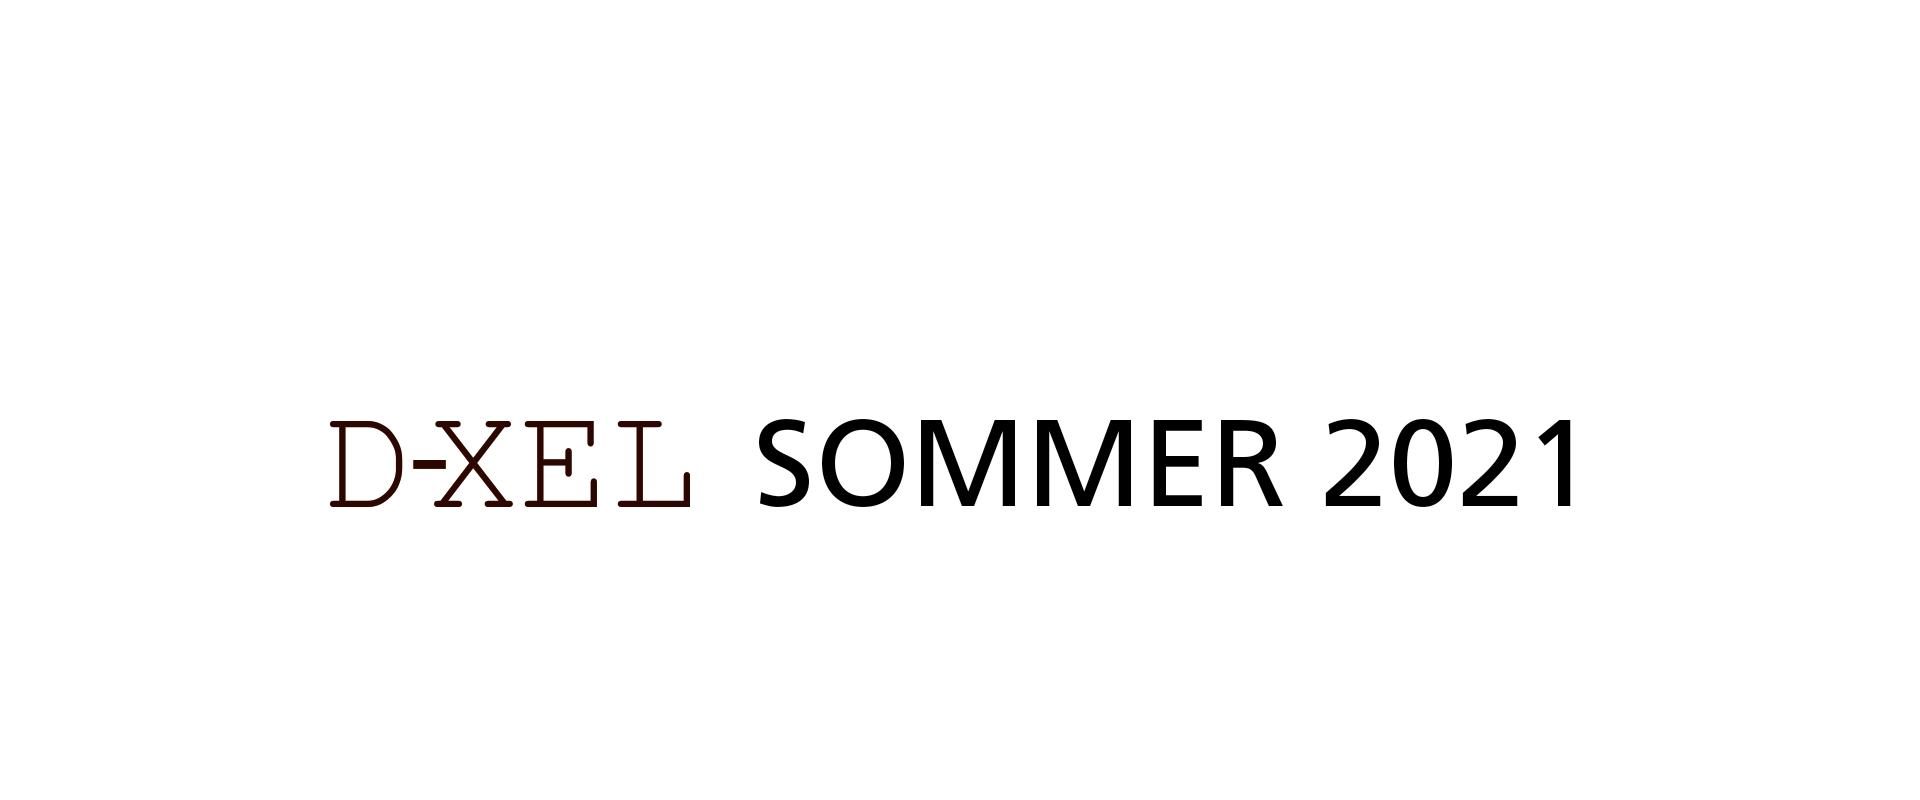 Topbillede-1920x800_sommer_2021